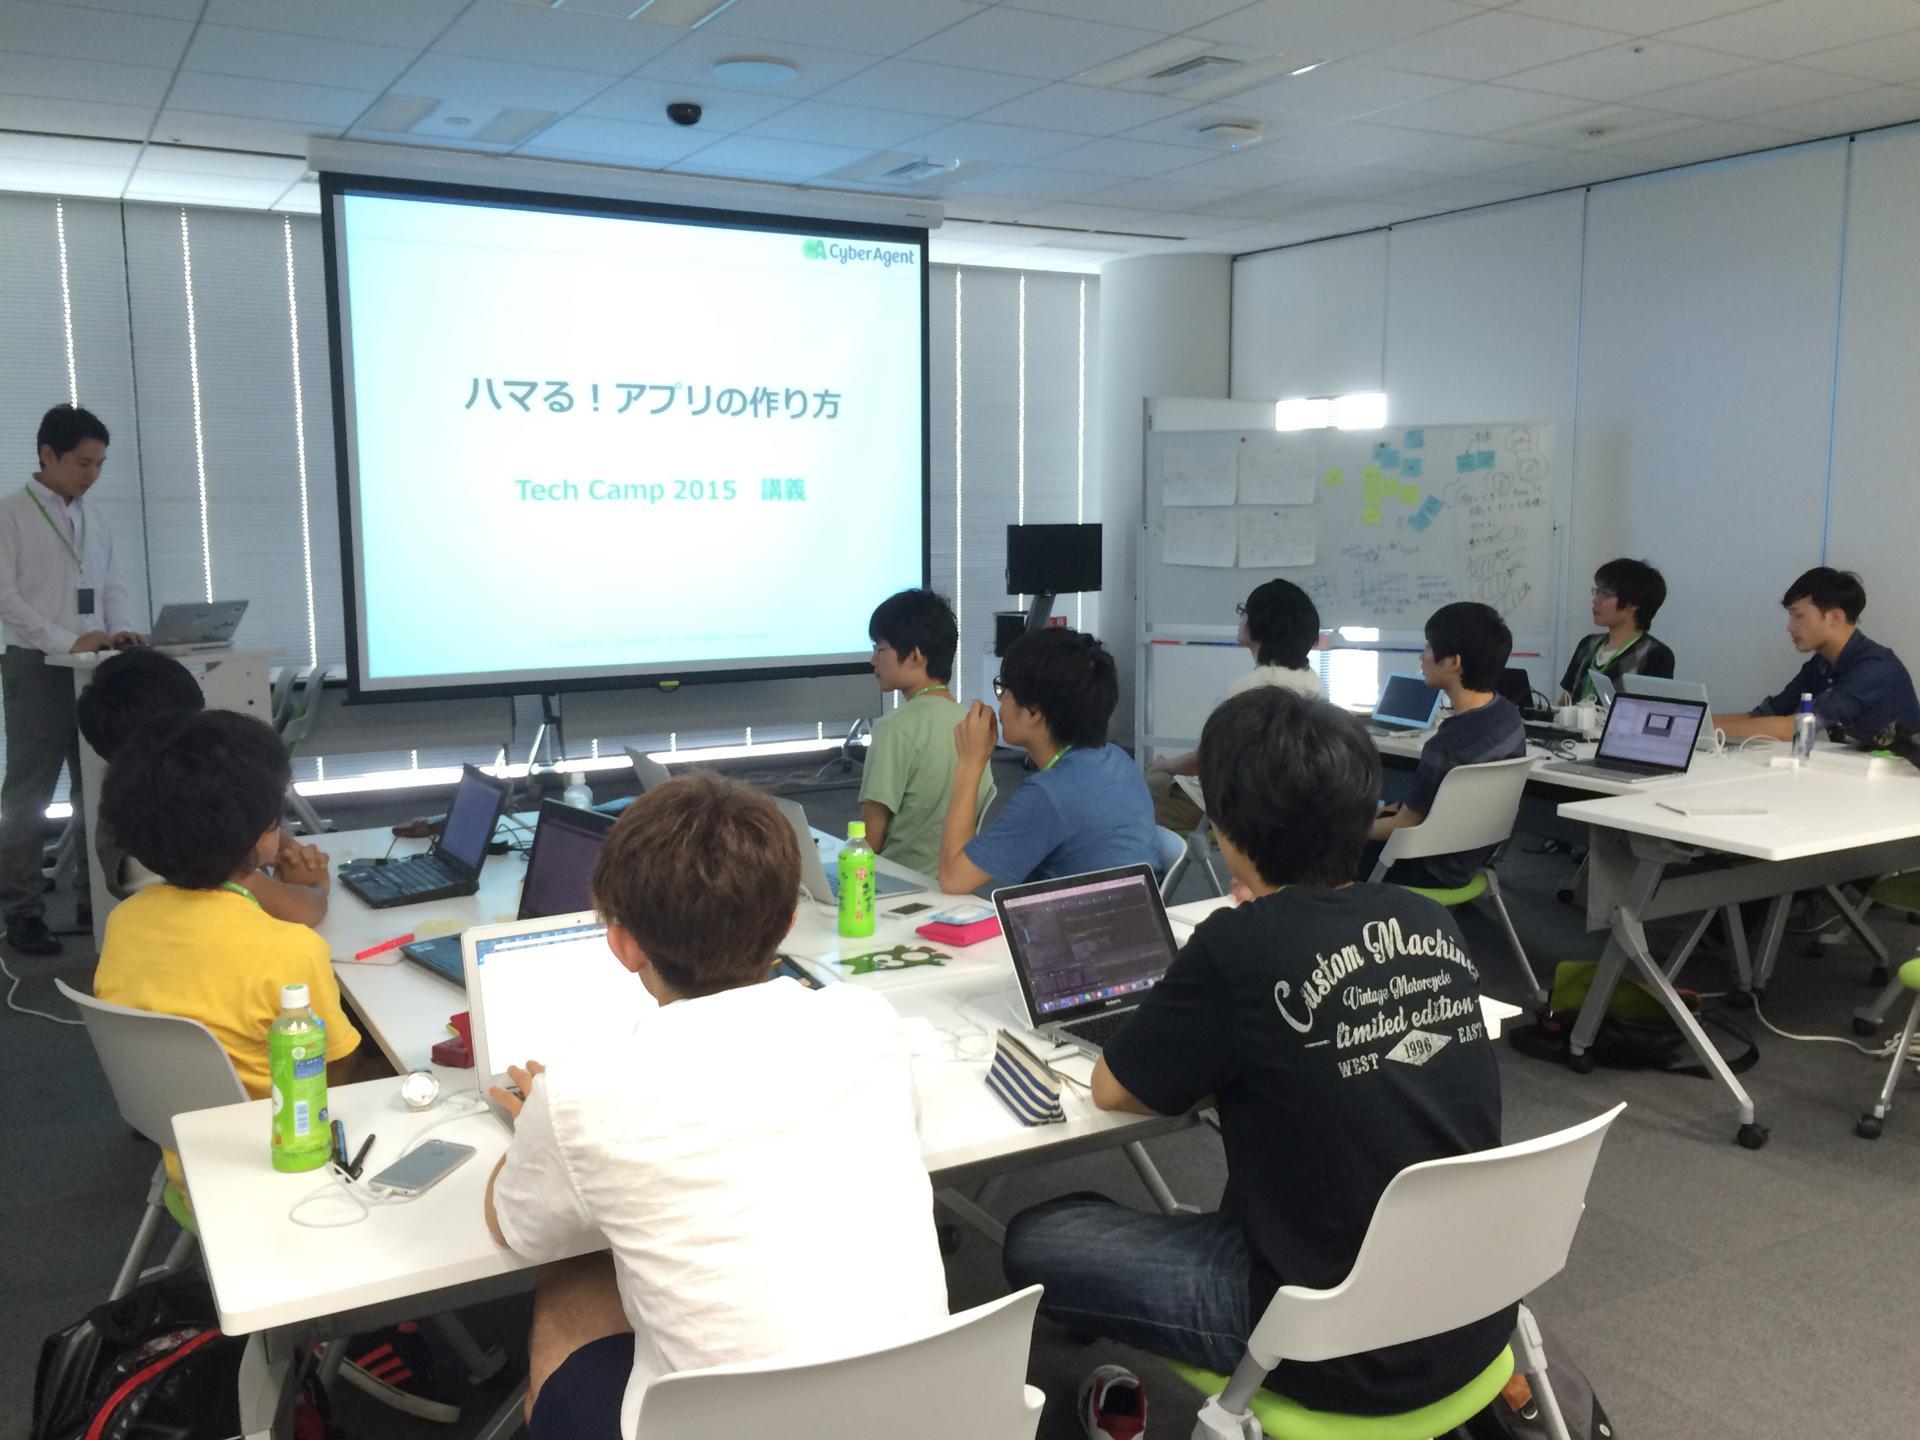 ハマるアプリの作り方講座!